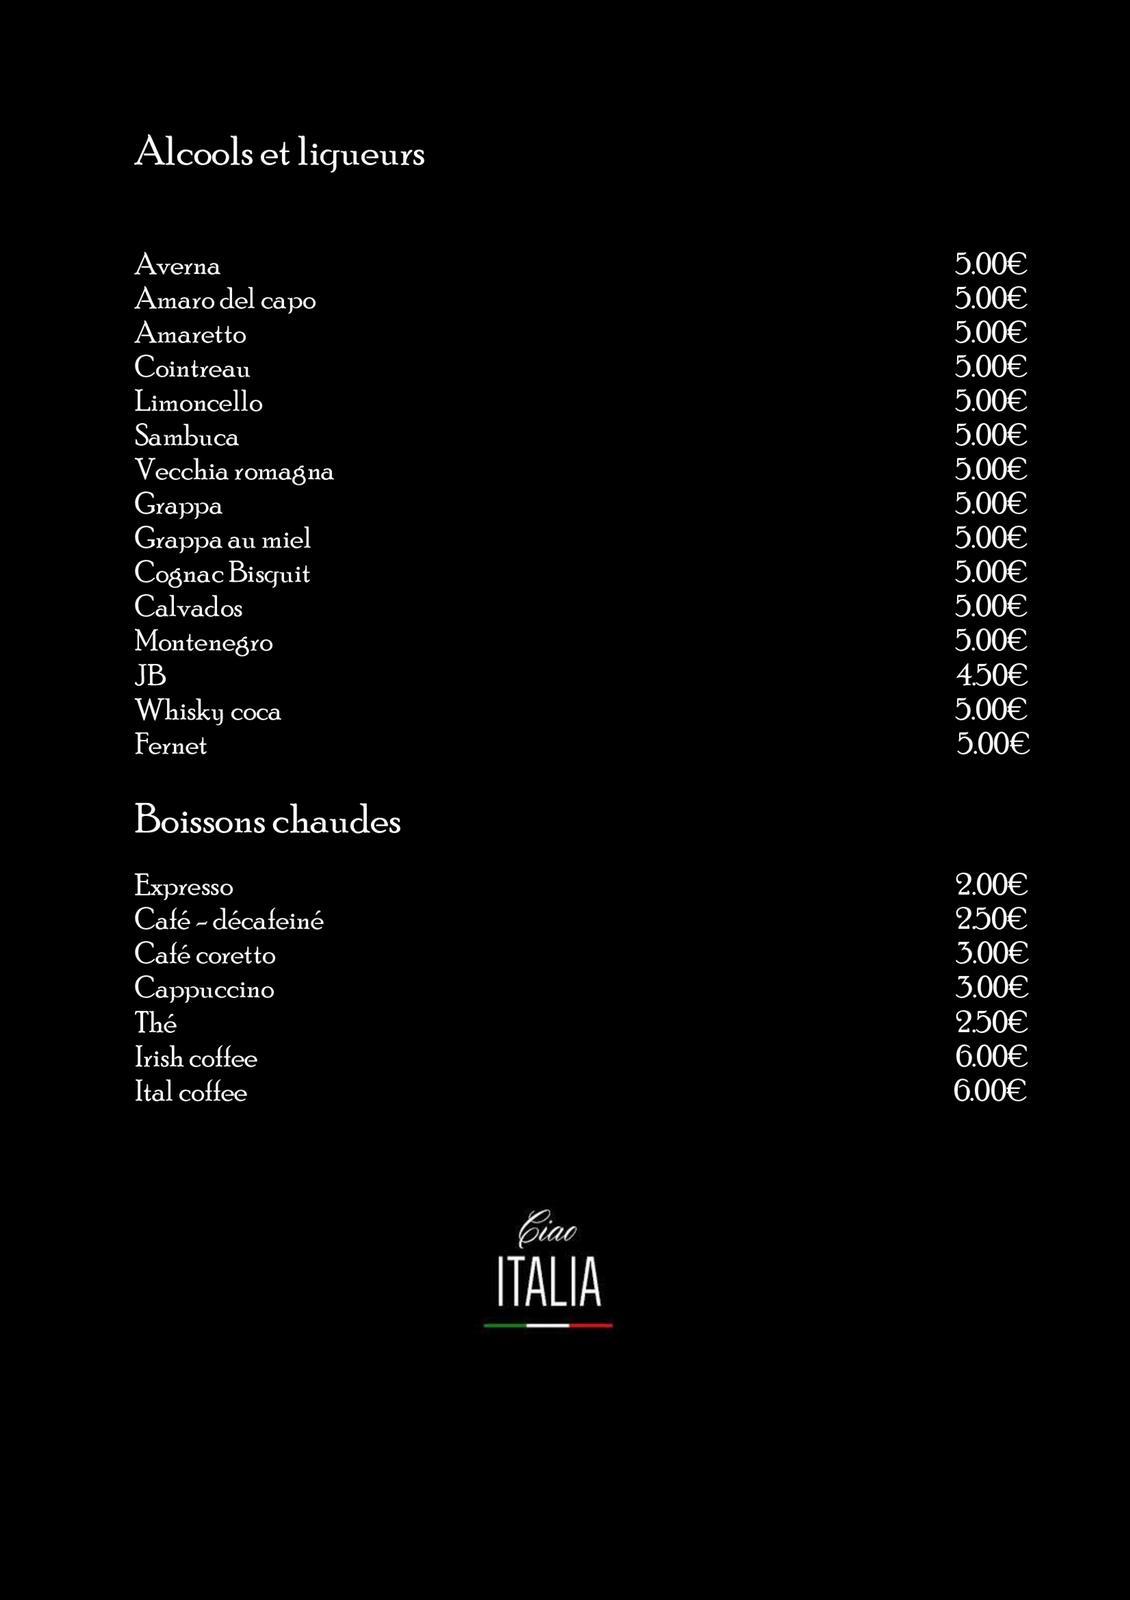 carte-ciaoitalia-303-alcool